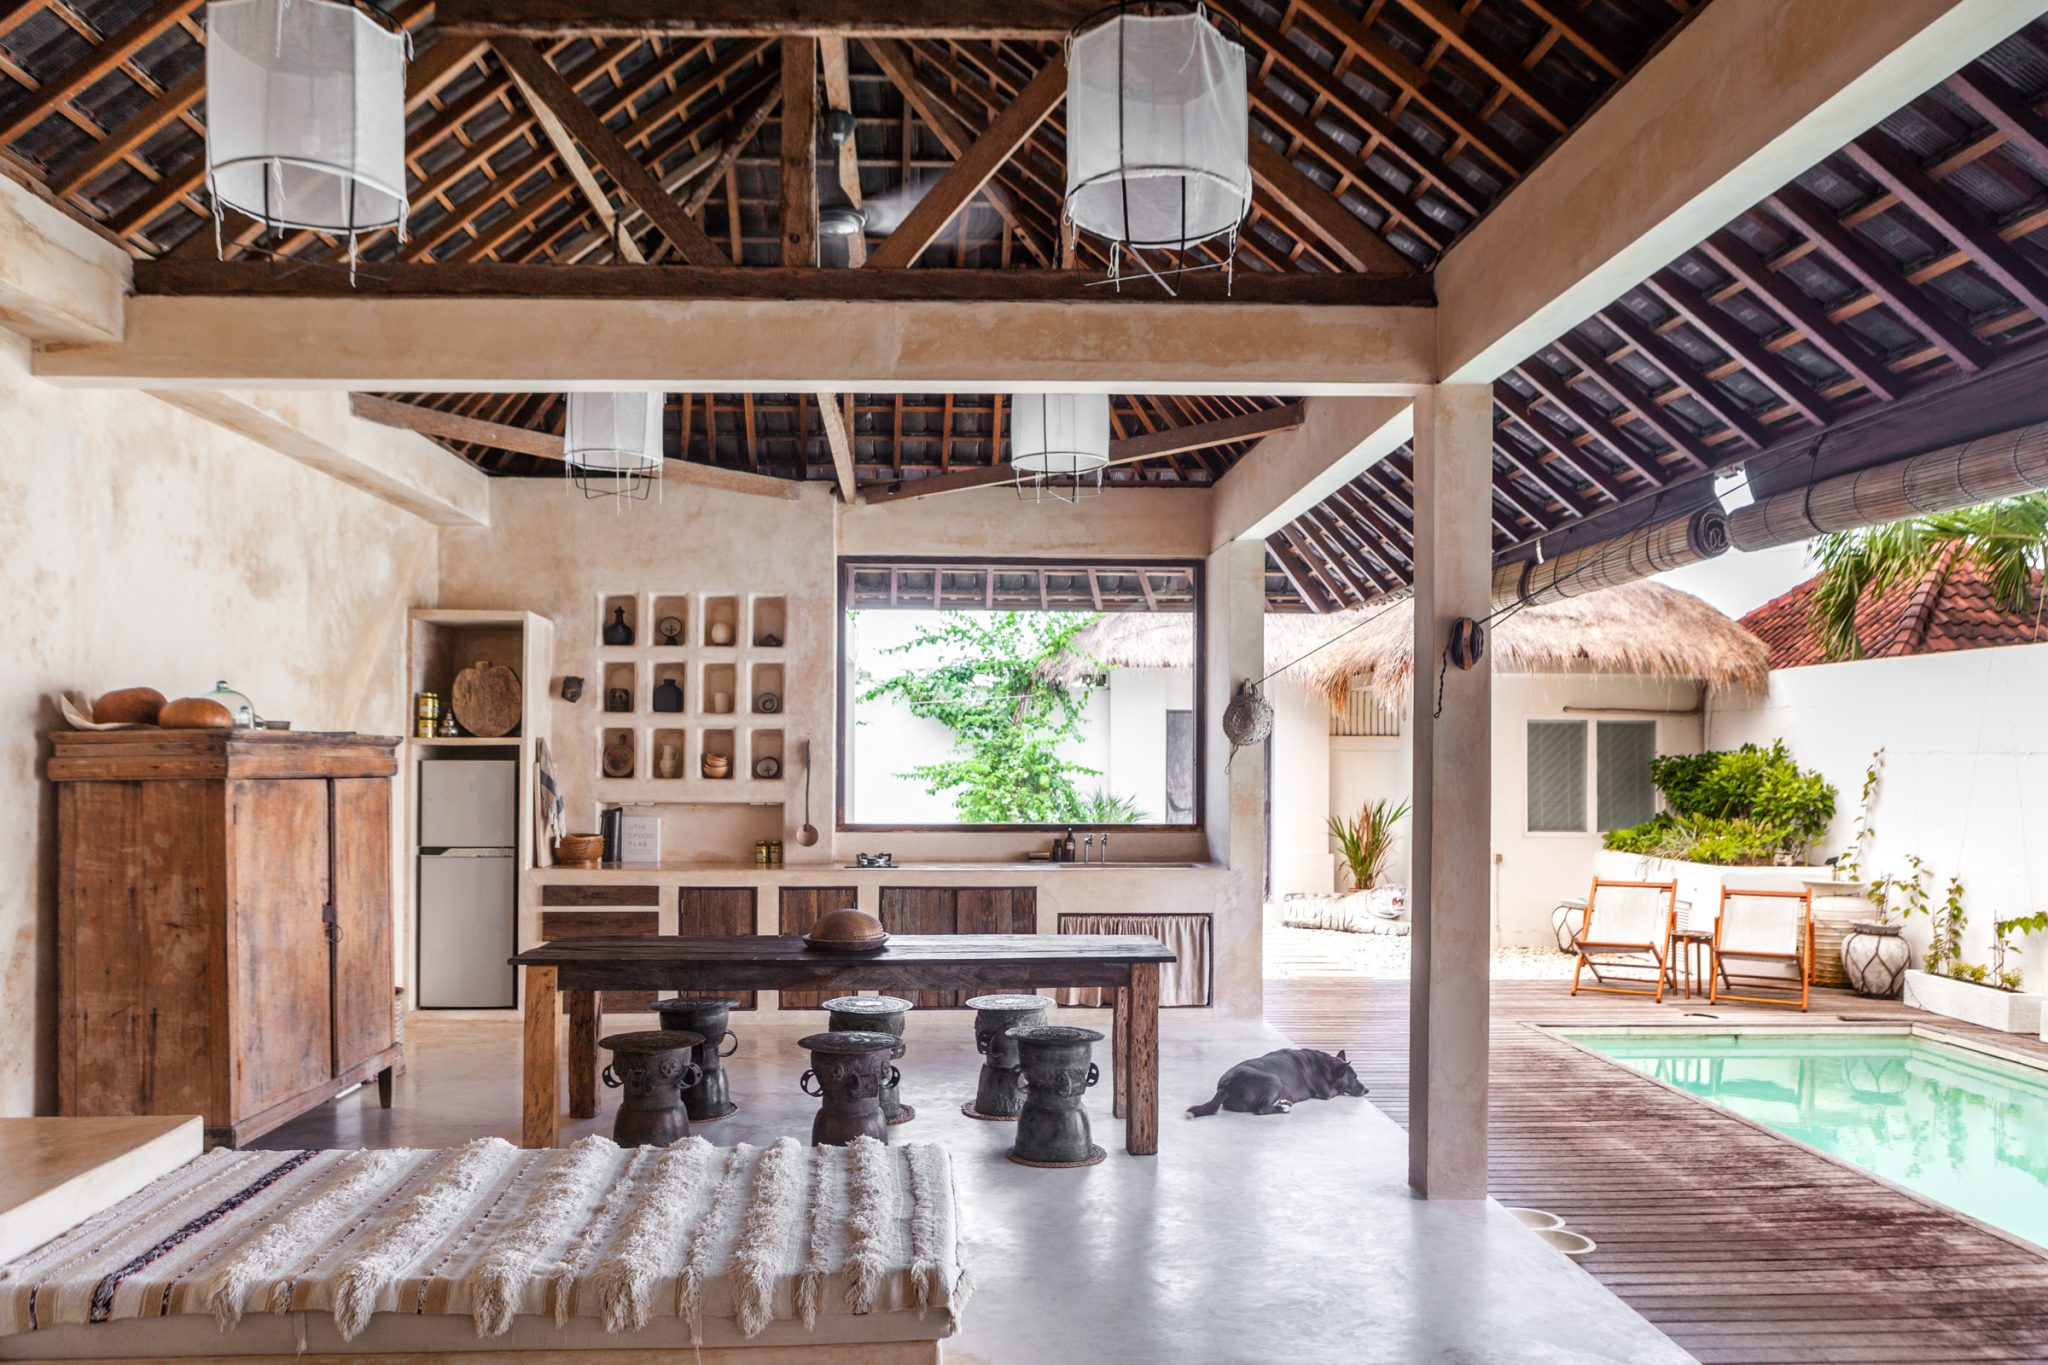 Bali Interiors- Amberley Valentine